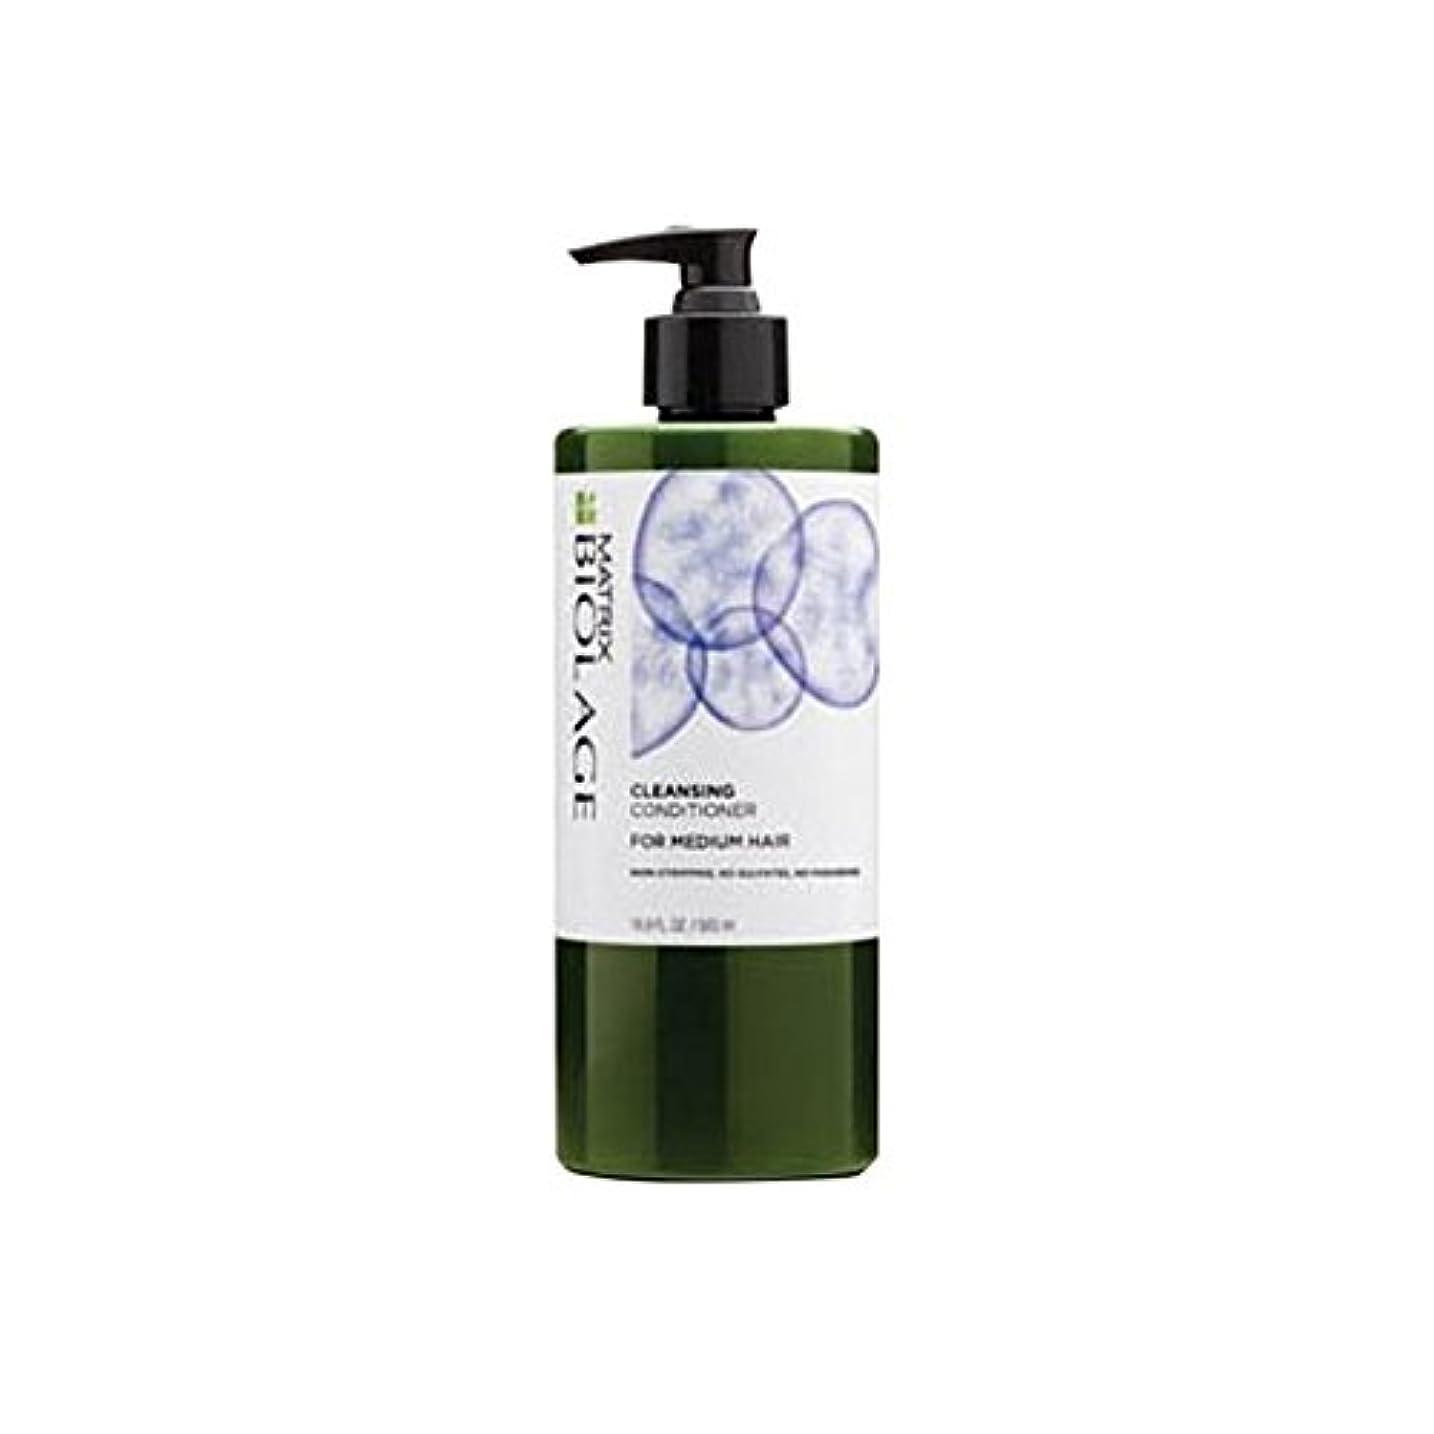 液体適応するバナーMatrix Biolage Cleansing Conditioner - Medium Hair (500ml) - マトリックスバイオレイジクレンジングコンディショナー - メディア髪(500ミリリットル) [並行輸入品]